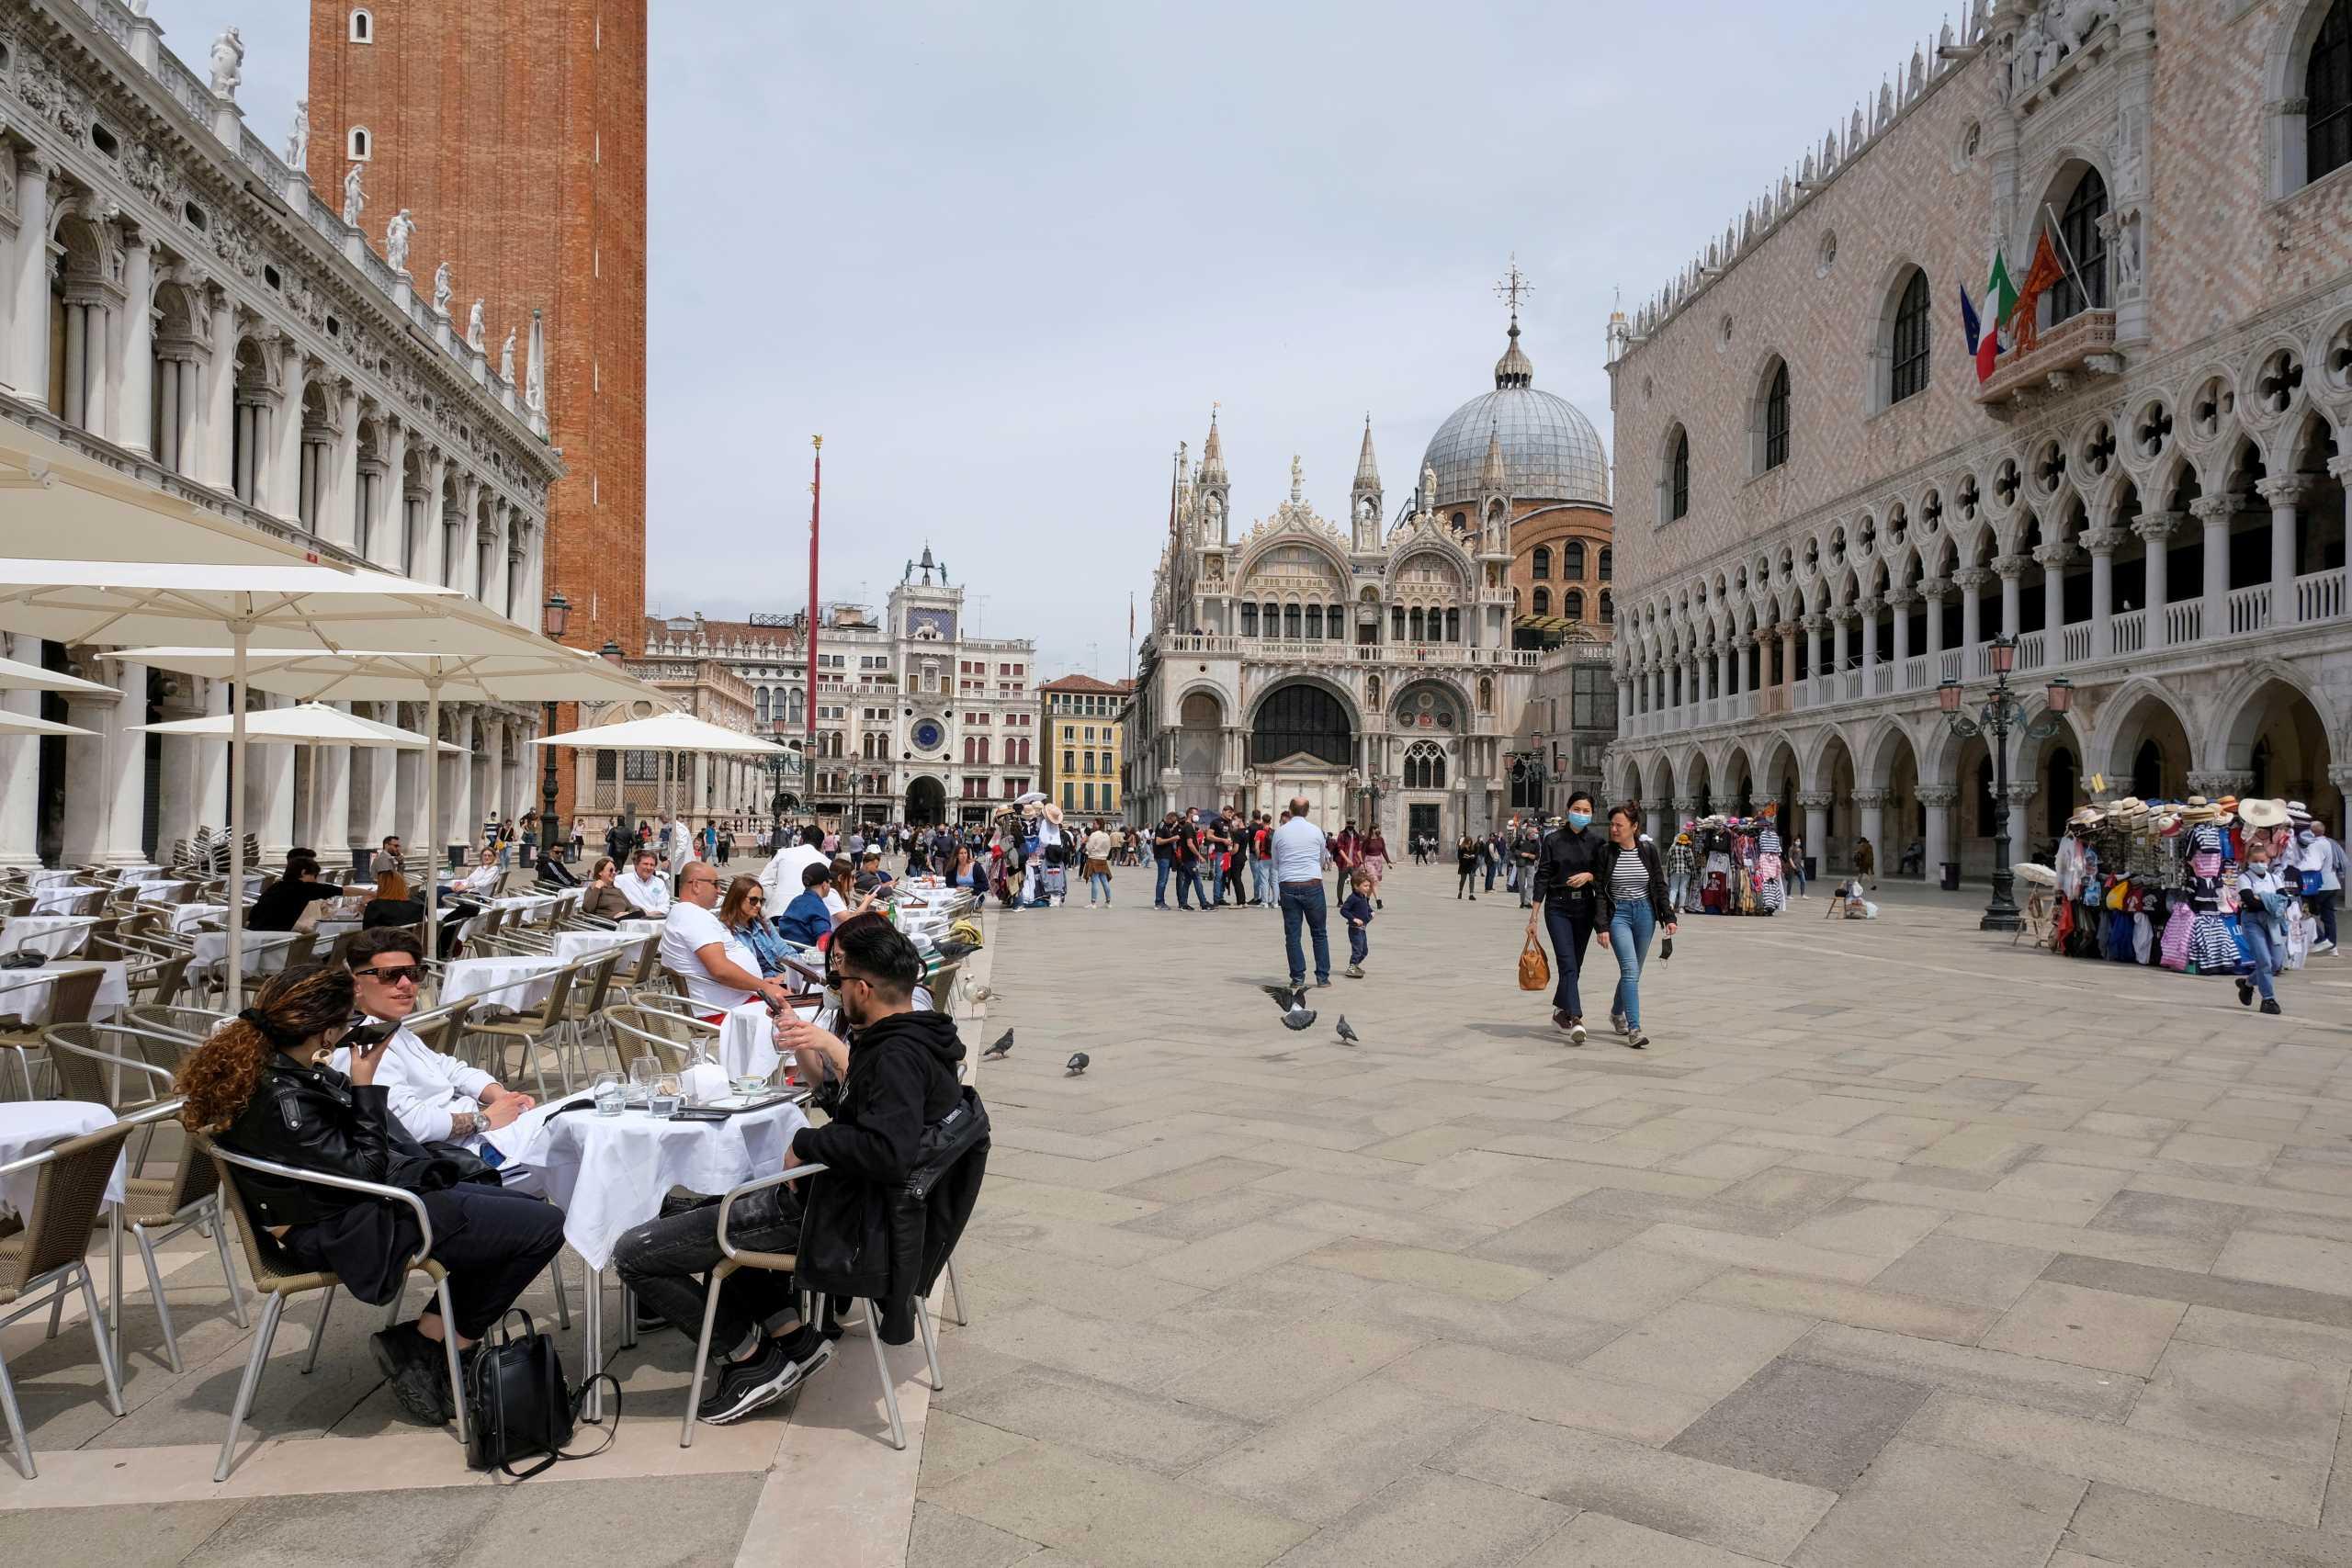 Ιταλία: Στον κλοιό της μετάλλαξης Δέλτα ο τουρισμός – «Αντέχουν Ελλάδα, Ισπανία και Γαλλία»